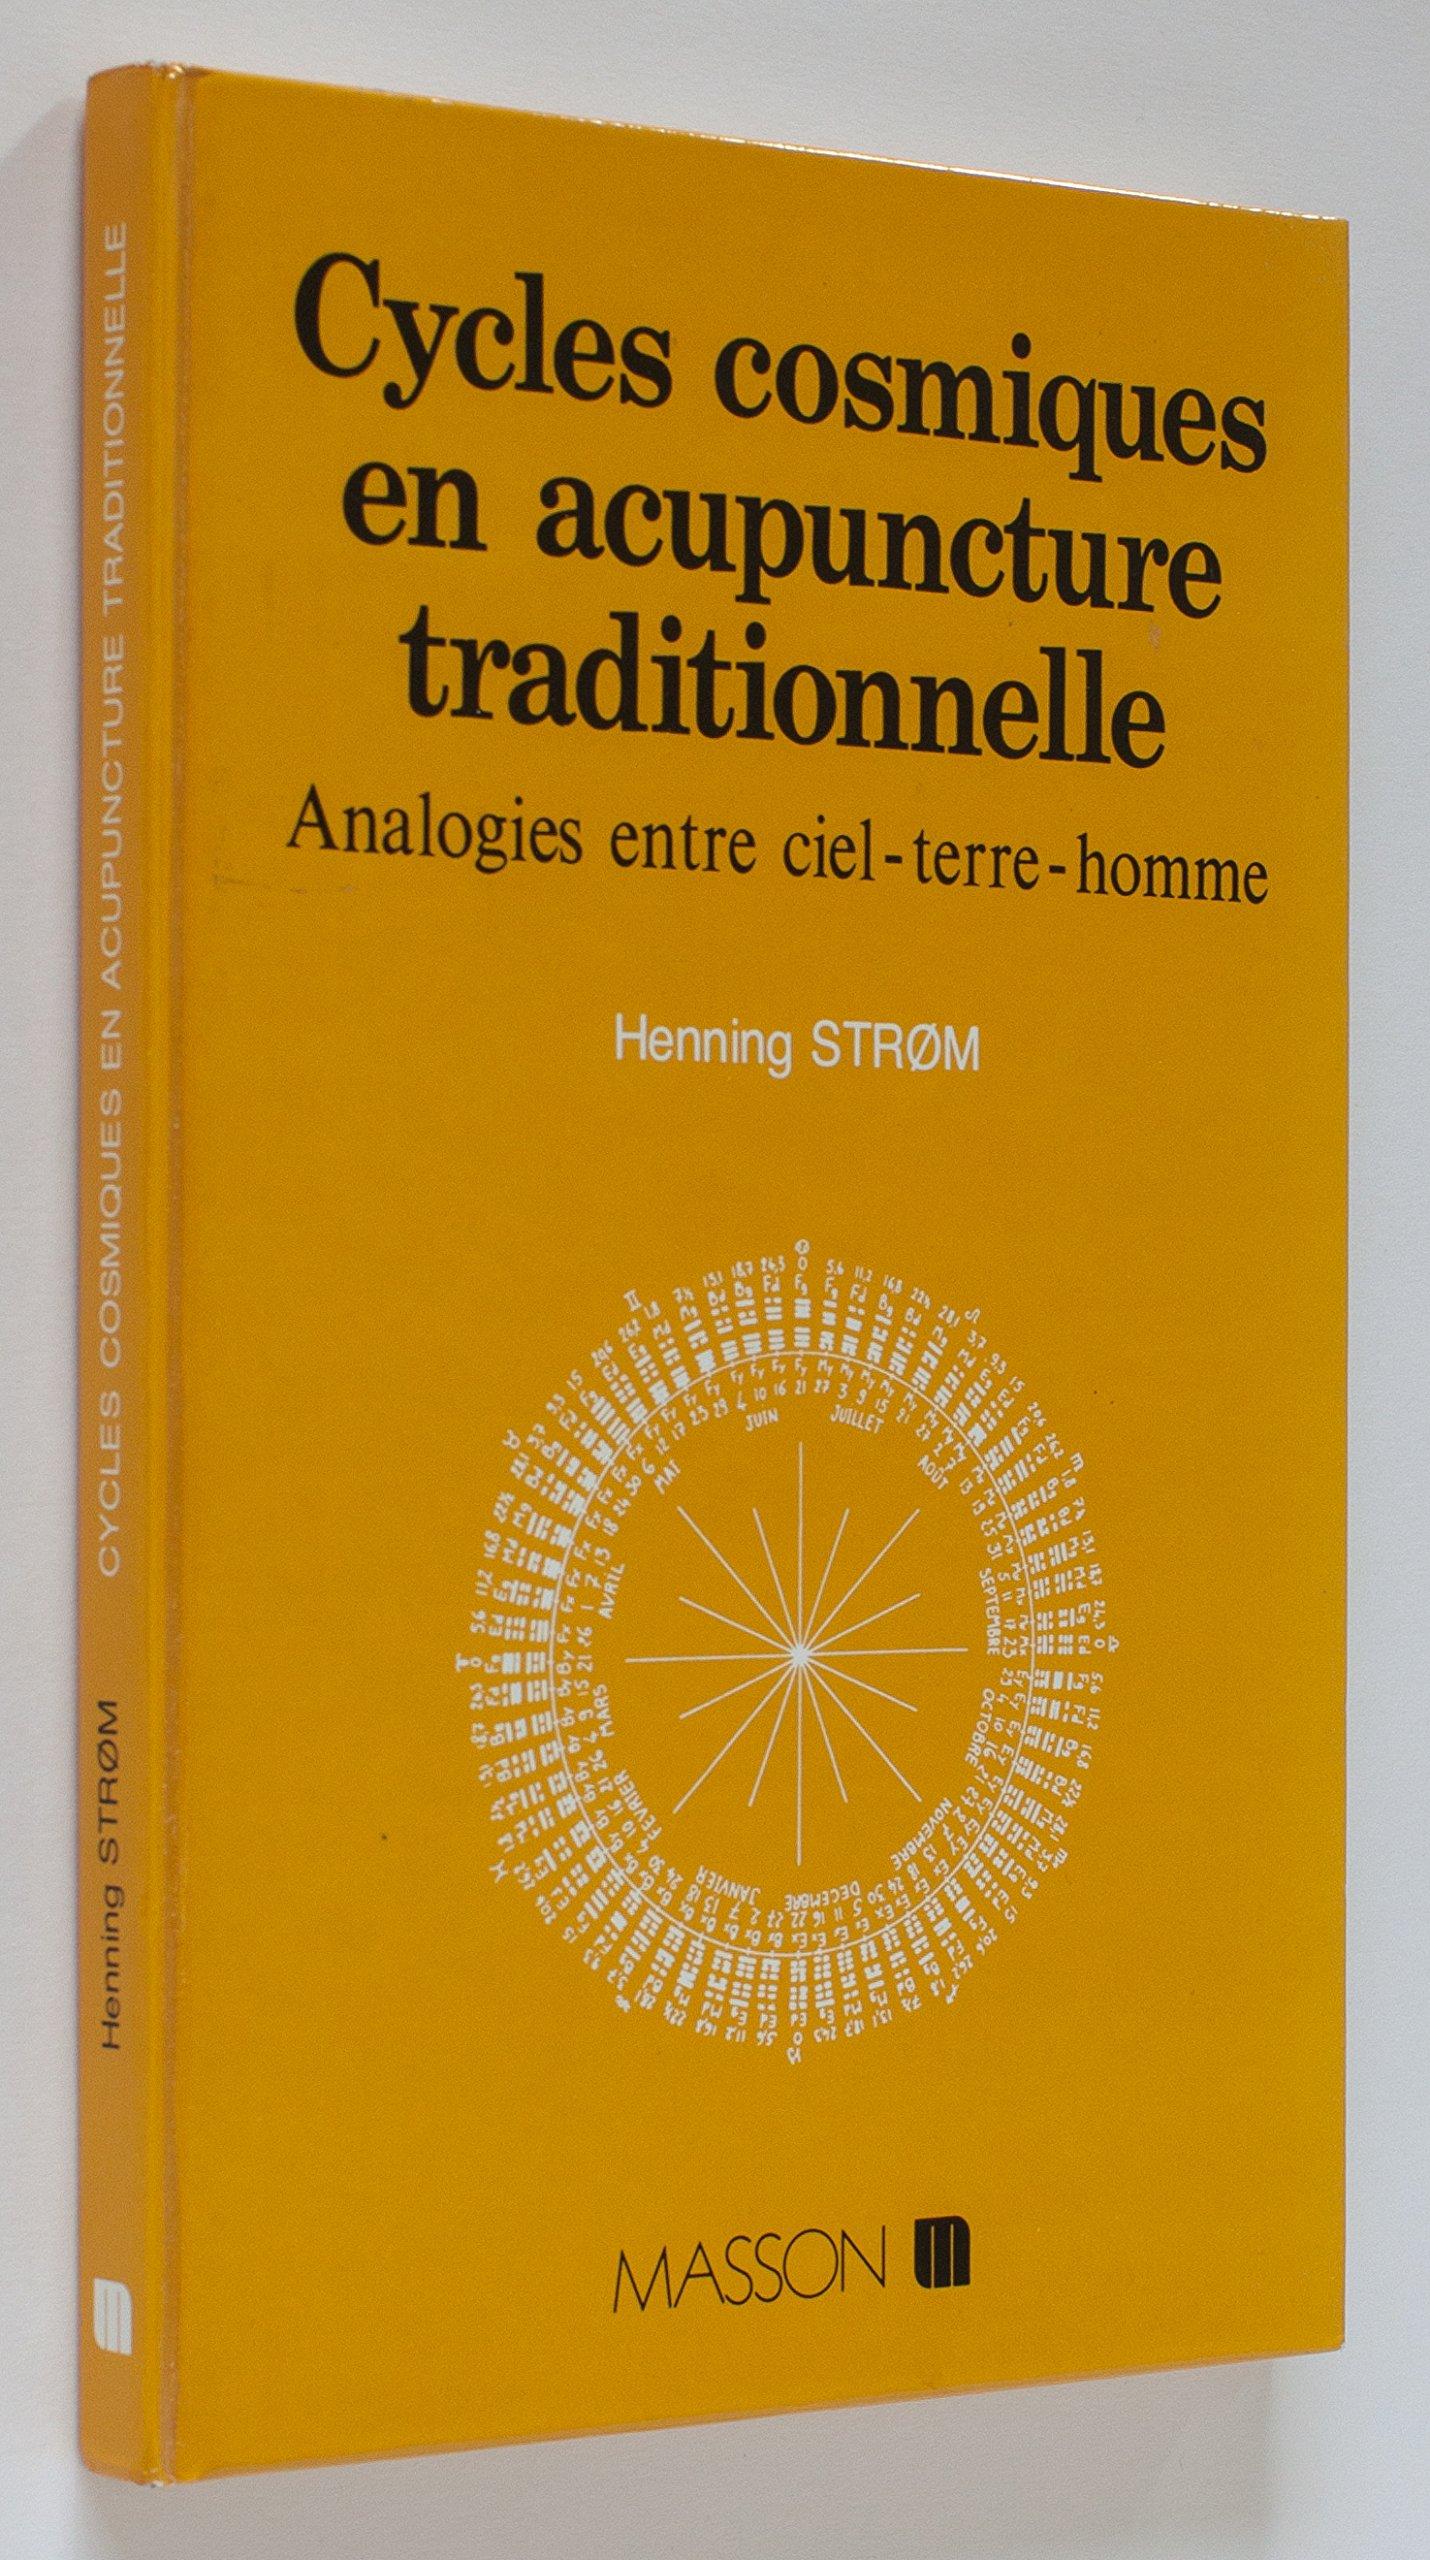 Cycles cosmiques en acupuncture traditionnelle : analogies entre ciel-terre-homme